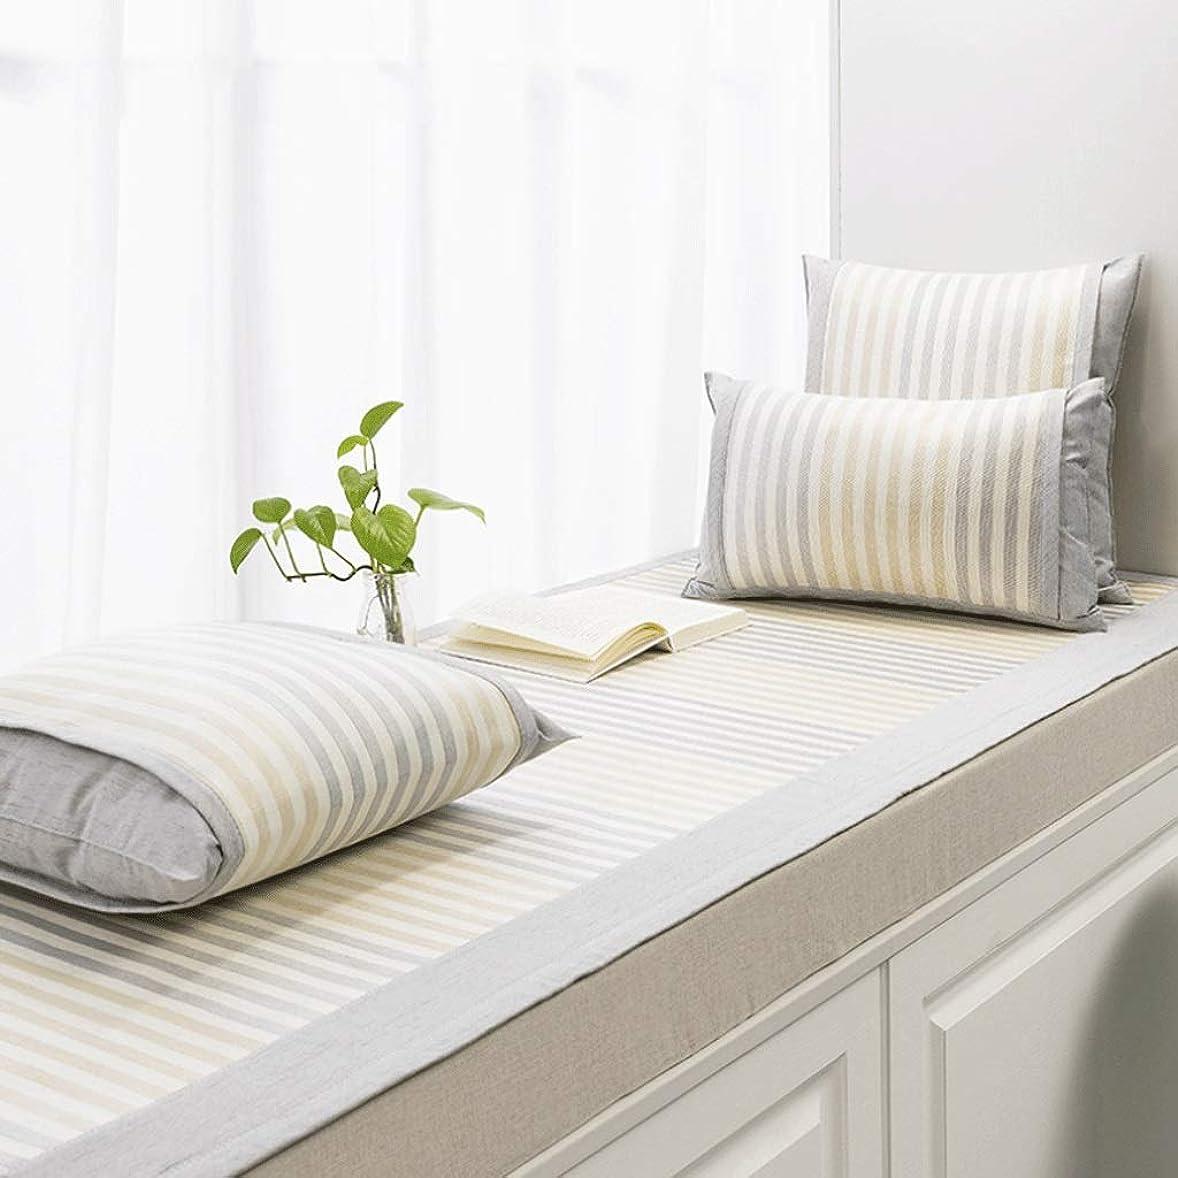 現実的睡眠ネクタイ出窓クッション/出窓毛布/バルコニーマット/滑り止め畳のクッション/フロート窓マット/複数の色と複数のサイズ (Color : H, Size : 80×140CM)